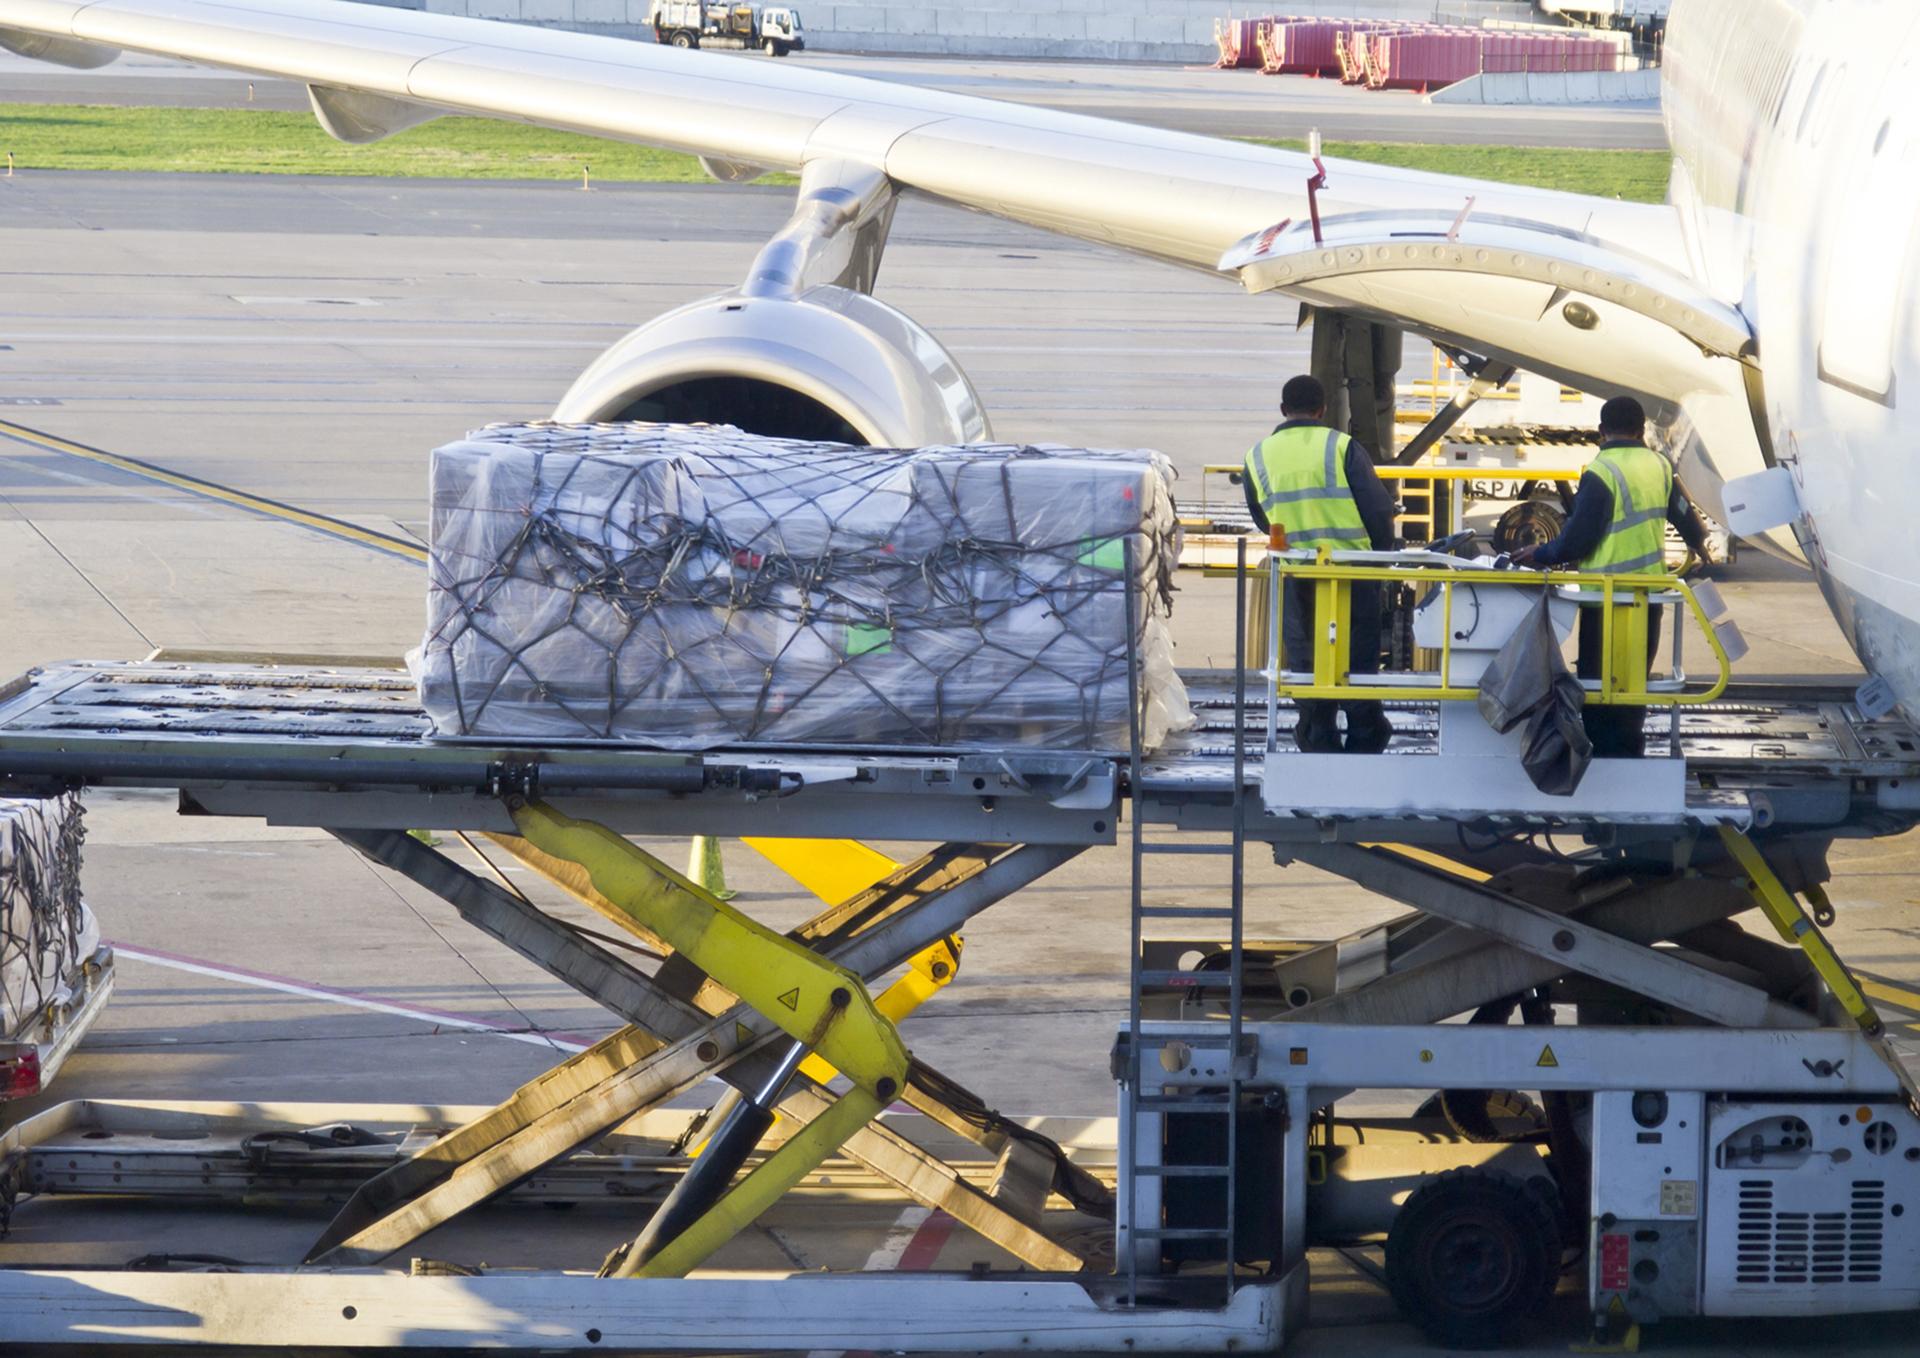 Comienzo débil para la temporada alta del transporte de carga aérea. La demanda cae 3,5% en octubre